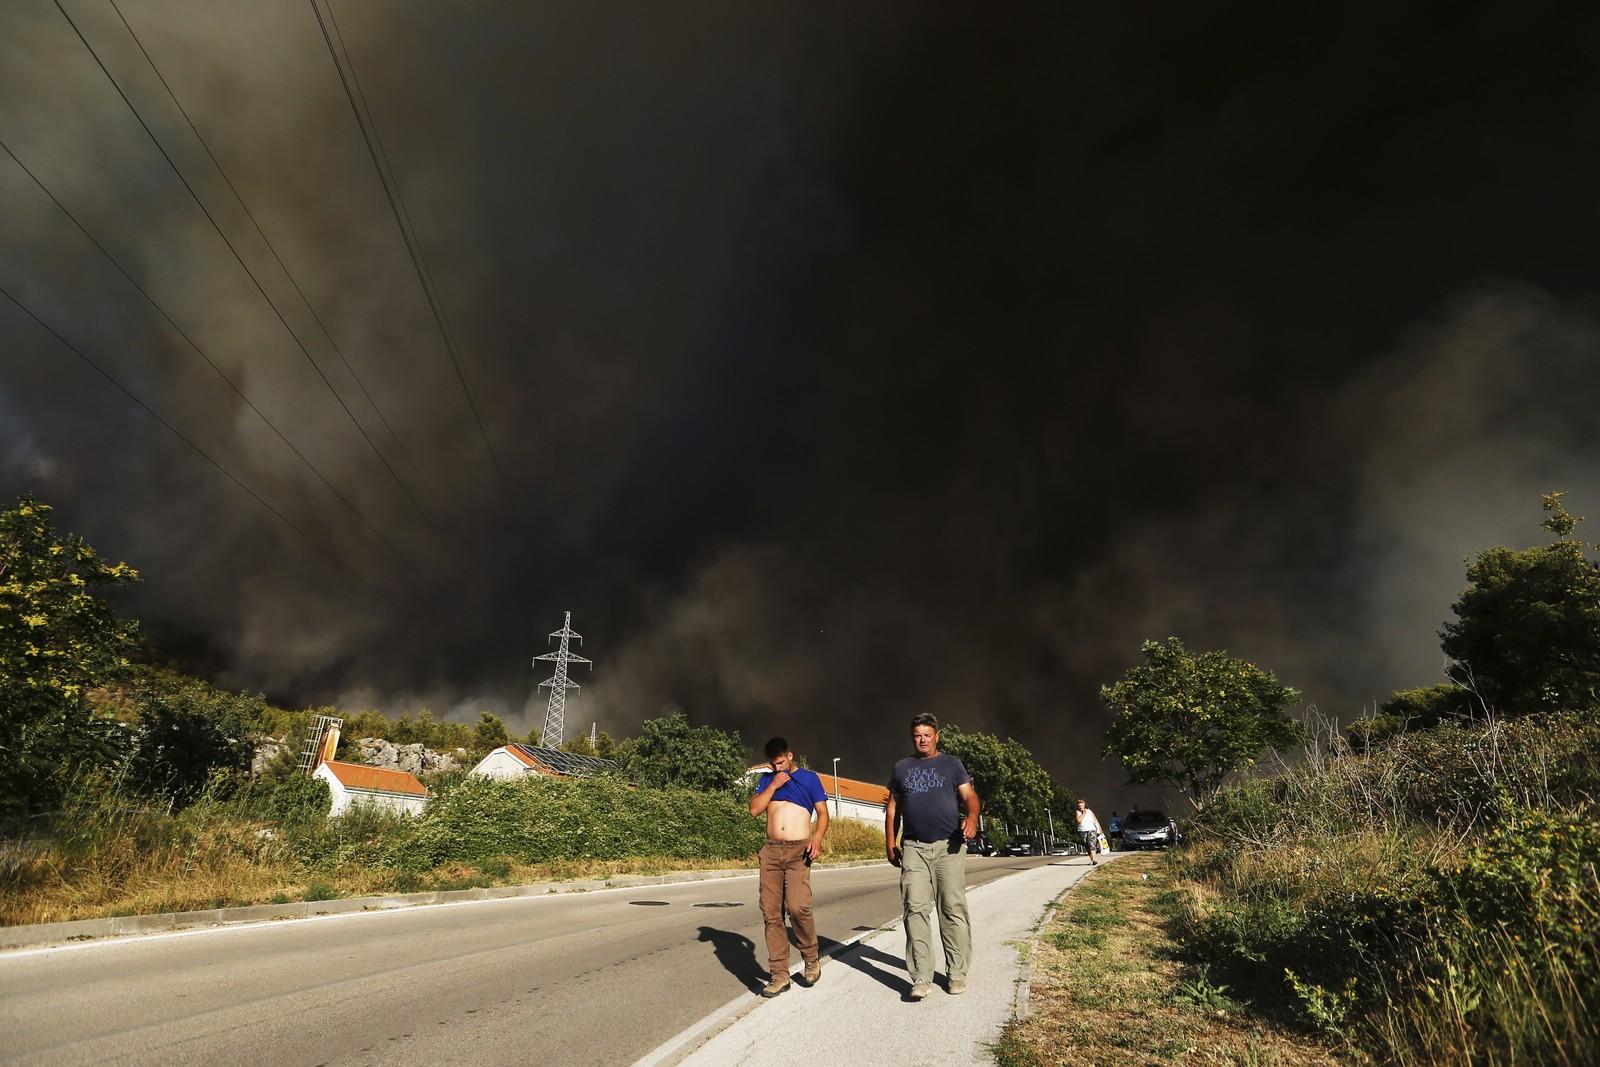 beboere blir evakuert fra husene sine i Mravinc utenfor Split i Kroatia.